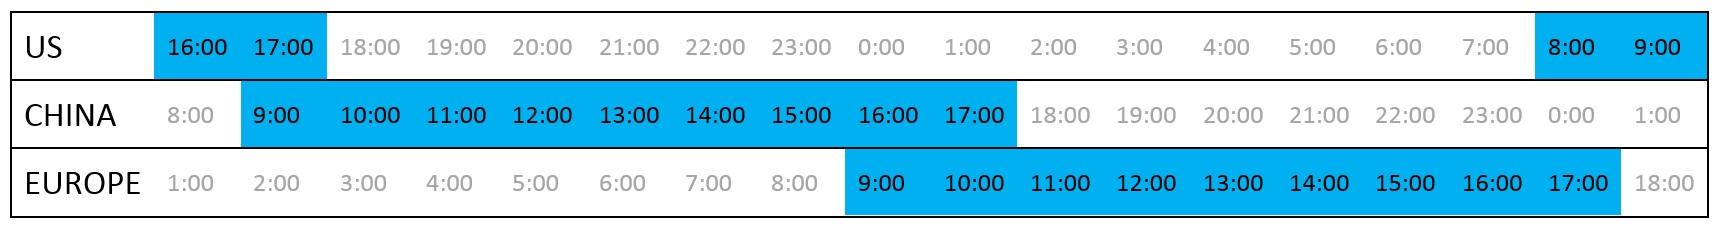 Working_hours_across_timezones.jpg